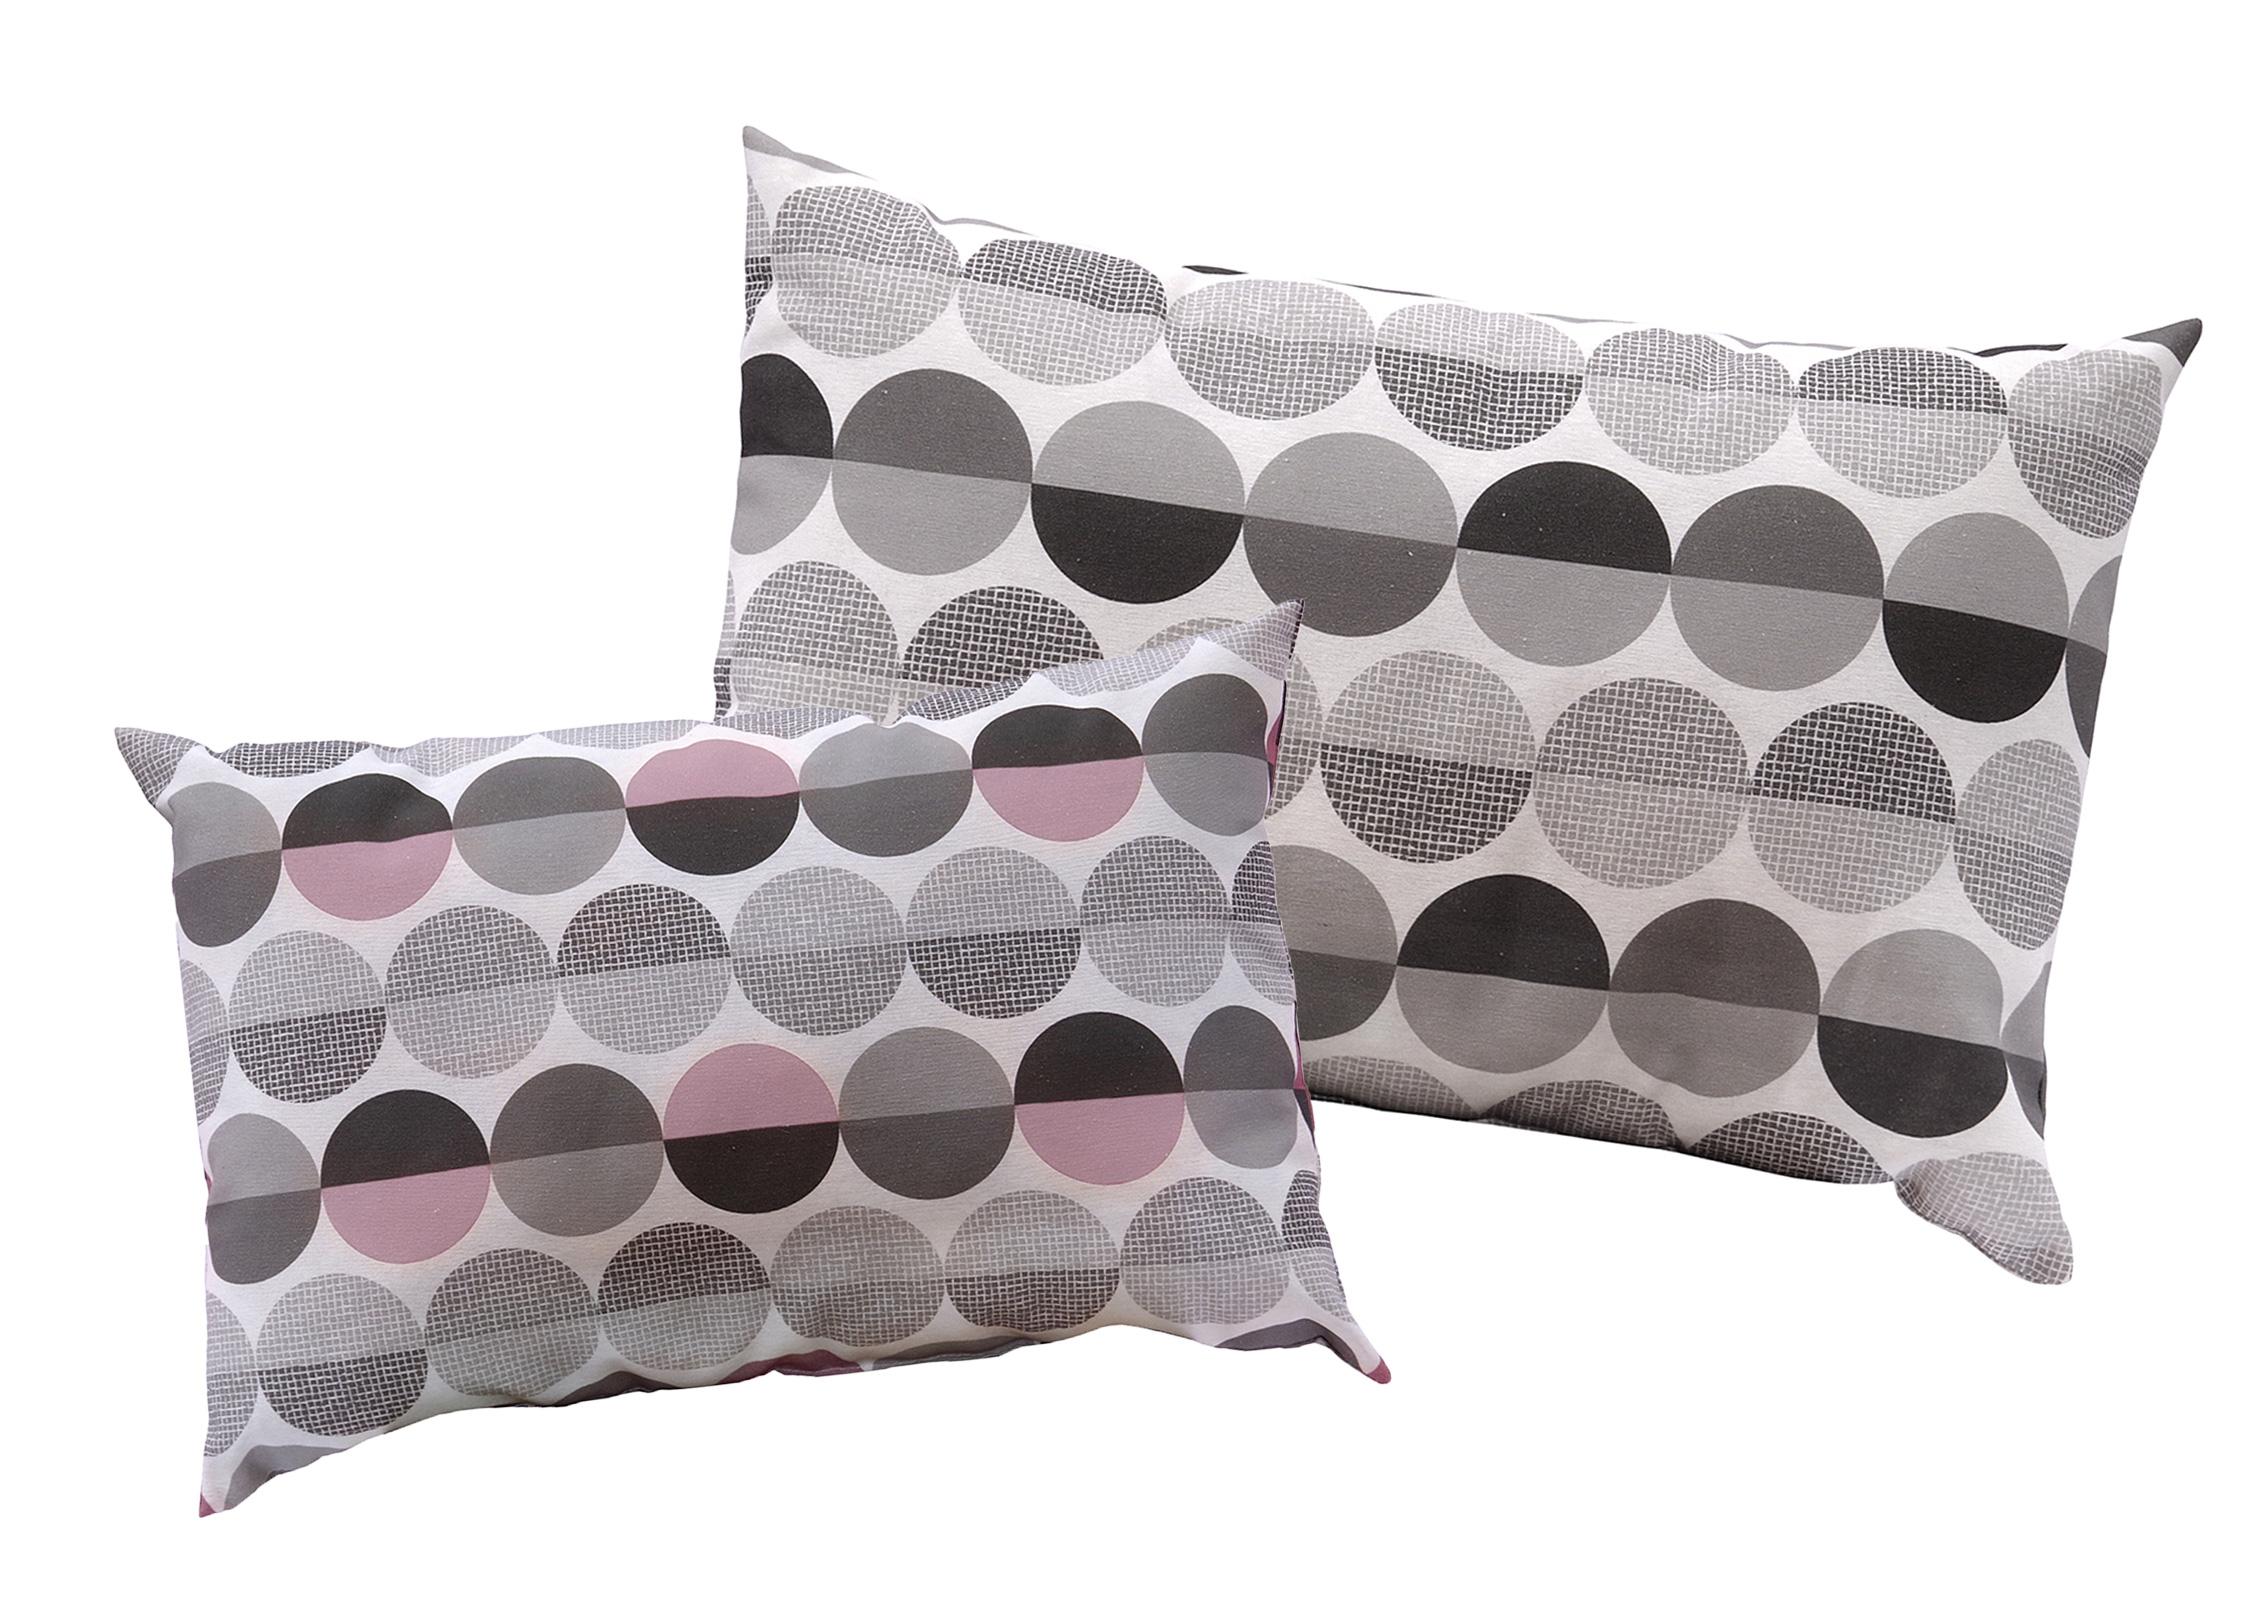 Wohndecken und Kissen - 2er Pack Dekokissen Modero 30x50 cm oder 40x60 cm  - Onlineshop PremiumShop321